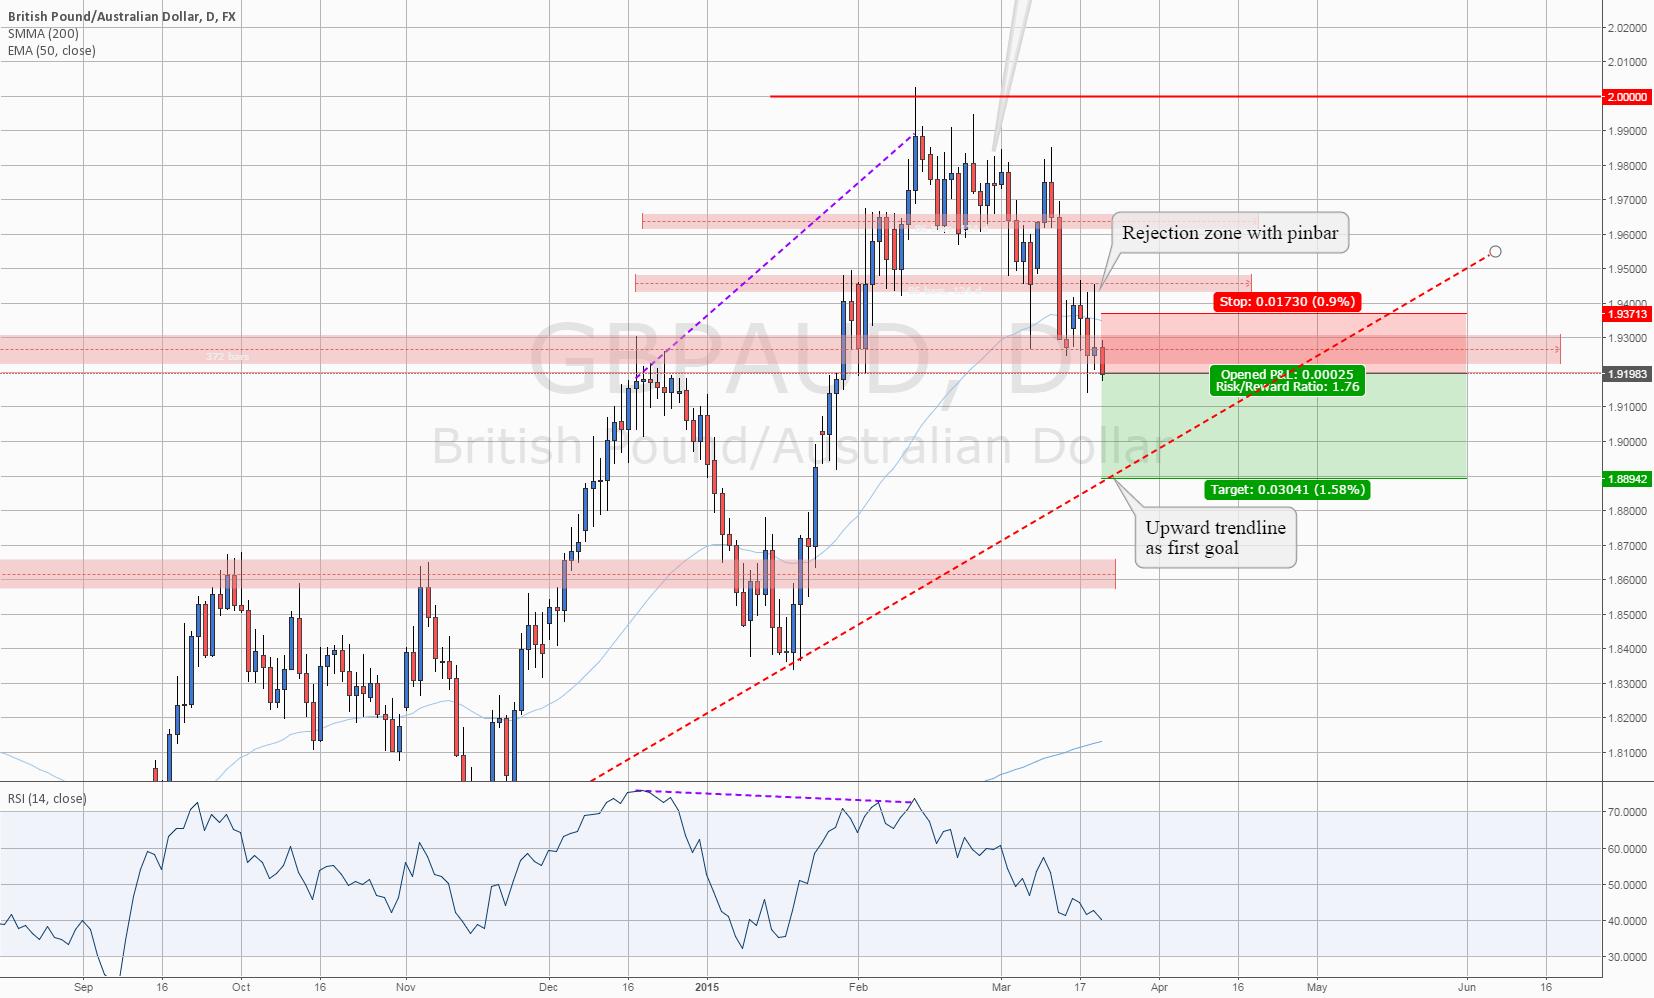 #GBPAUD: Short the Price Heading down to Upward Trendline